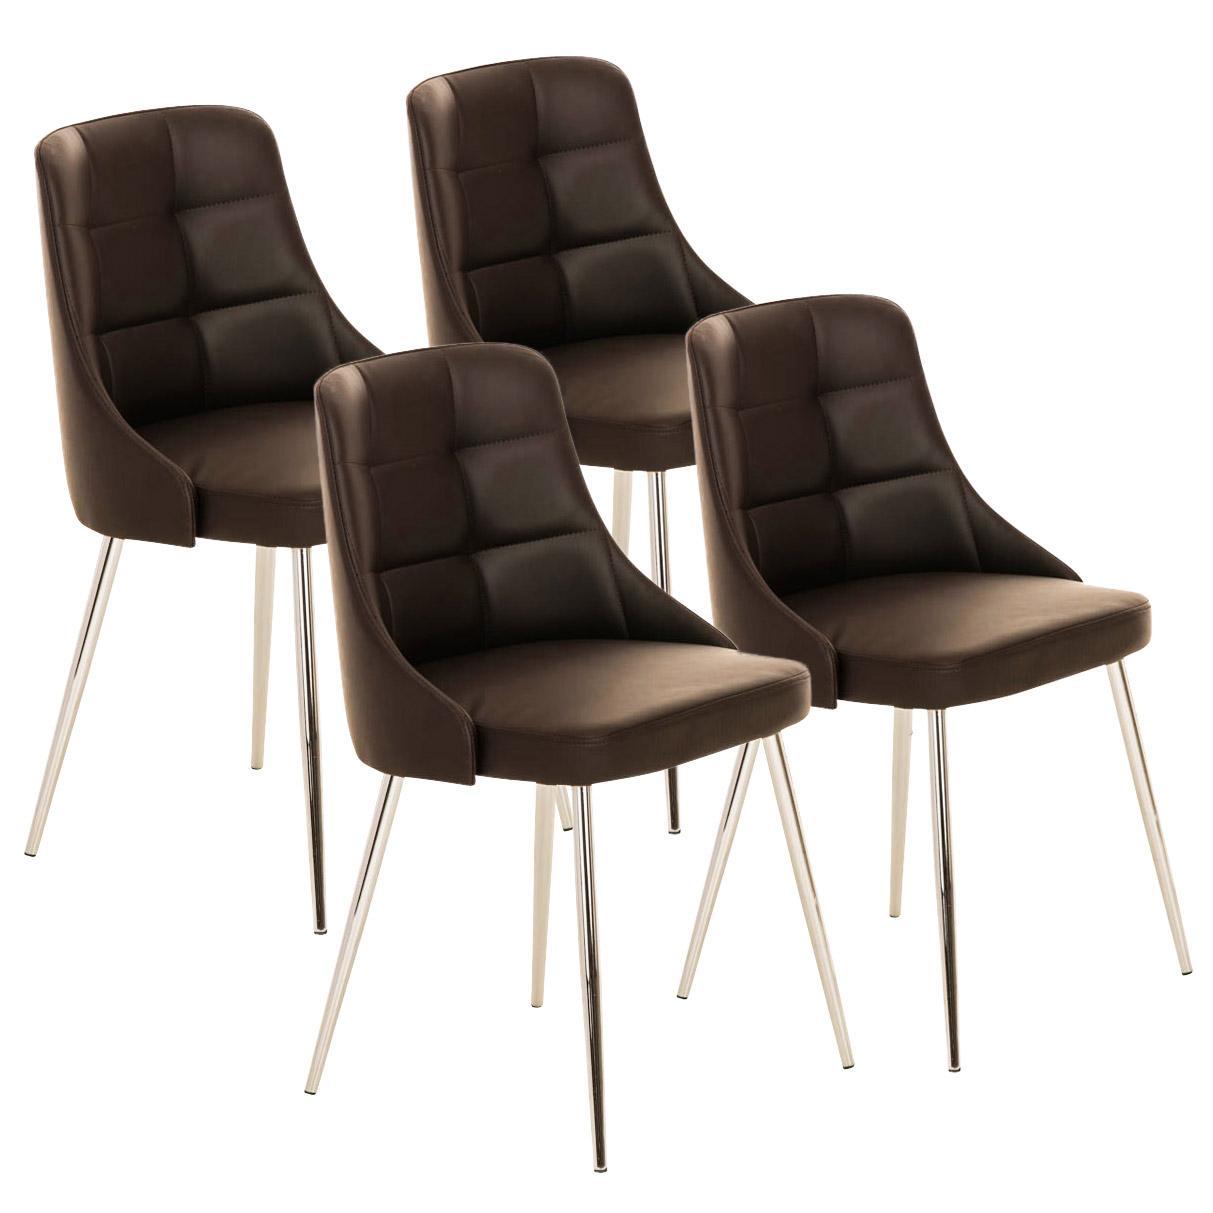 Lote 4 sillas de comedor o cocina harrison en piel marr n for Sillas comedor patas metalicas